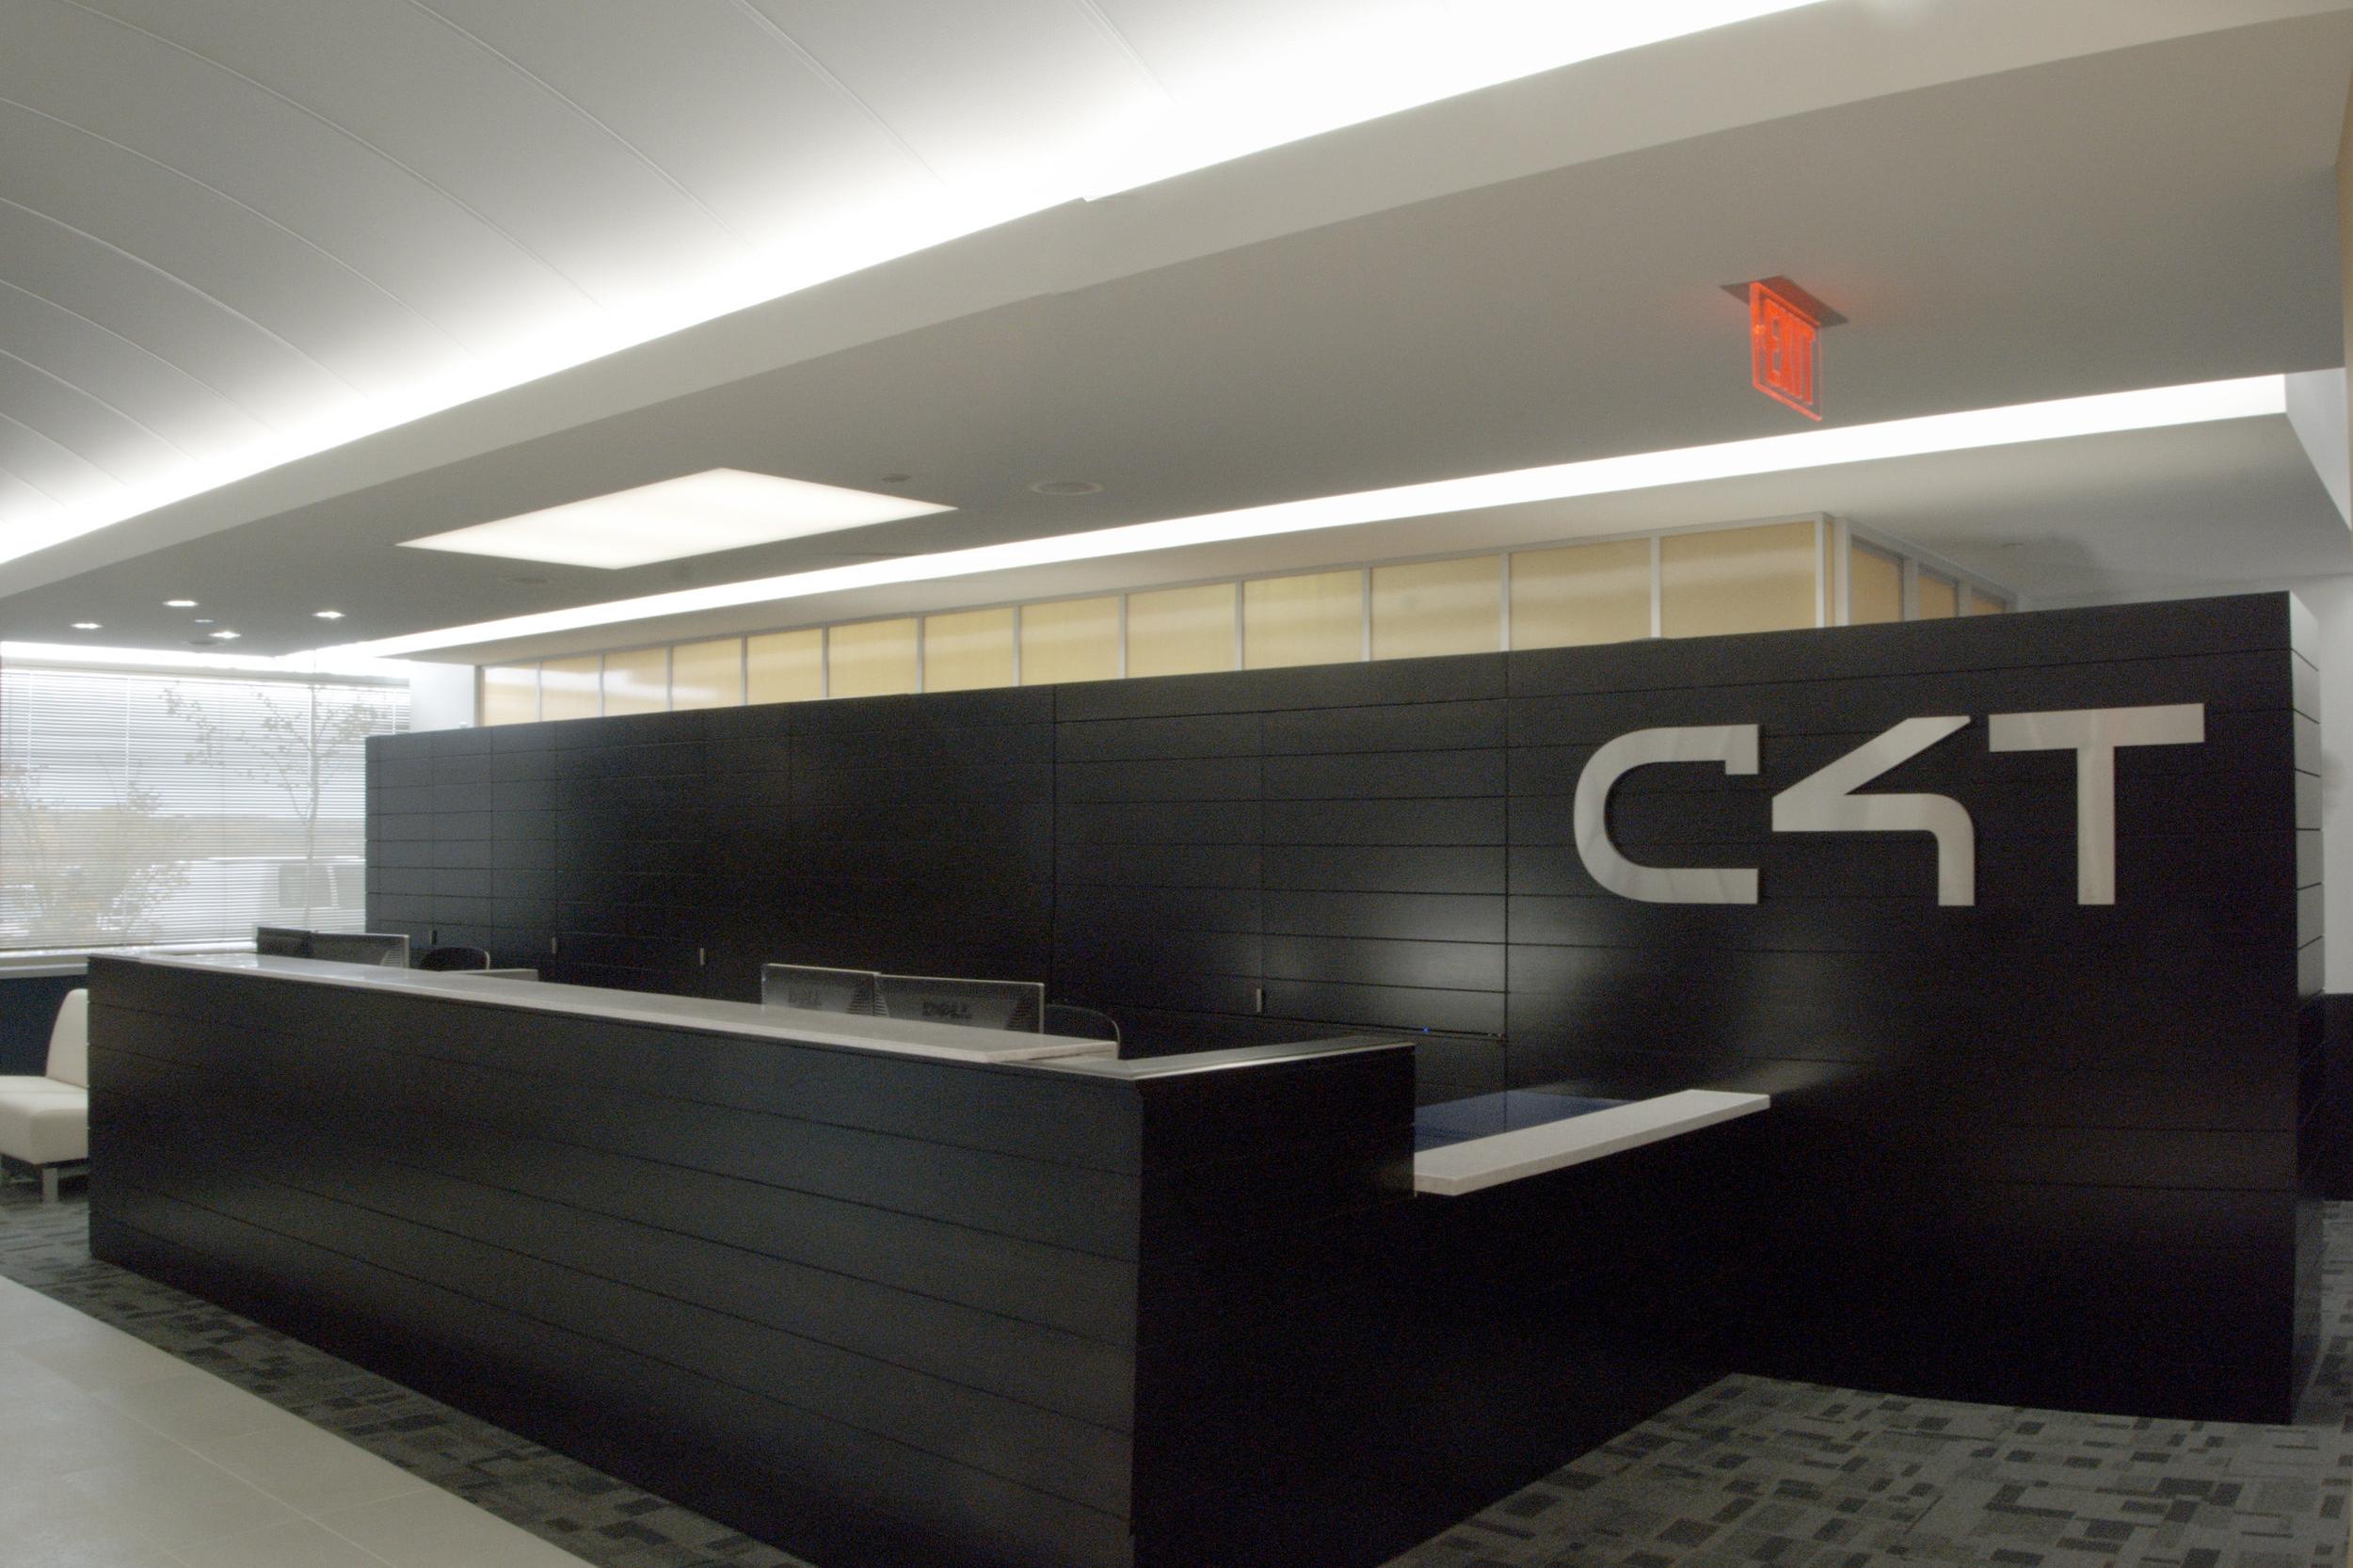 ManTech C4T: Center for Technology